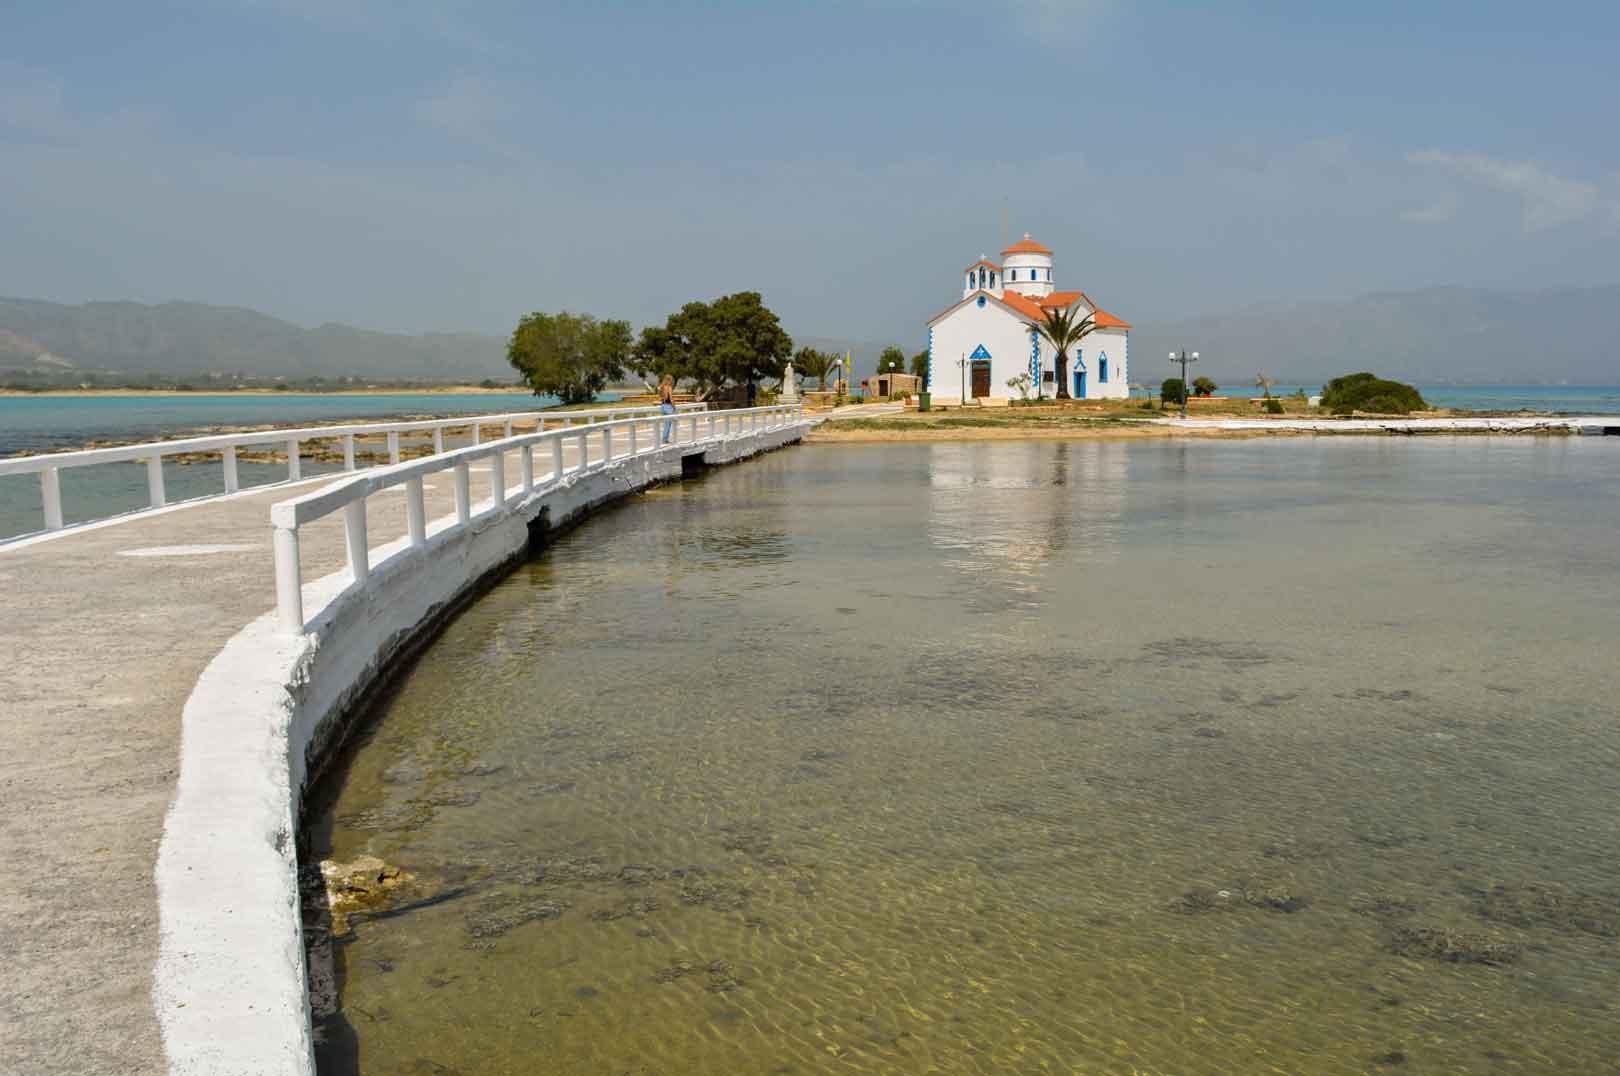 Ελαφόνησος εκκλησάκι Αγίου Σπυρίδωνα